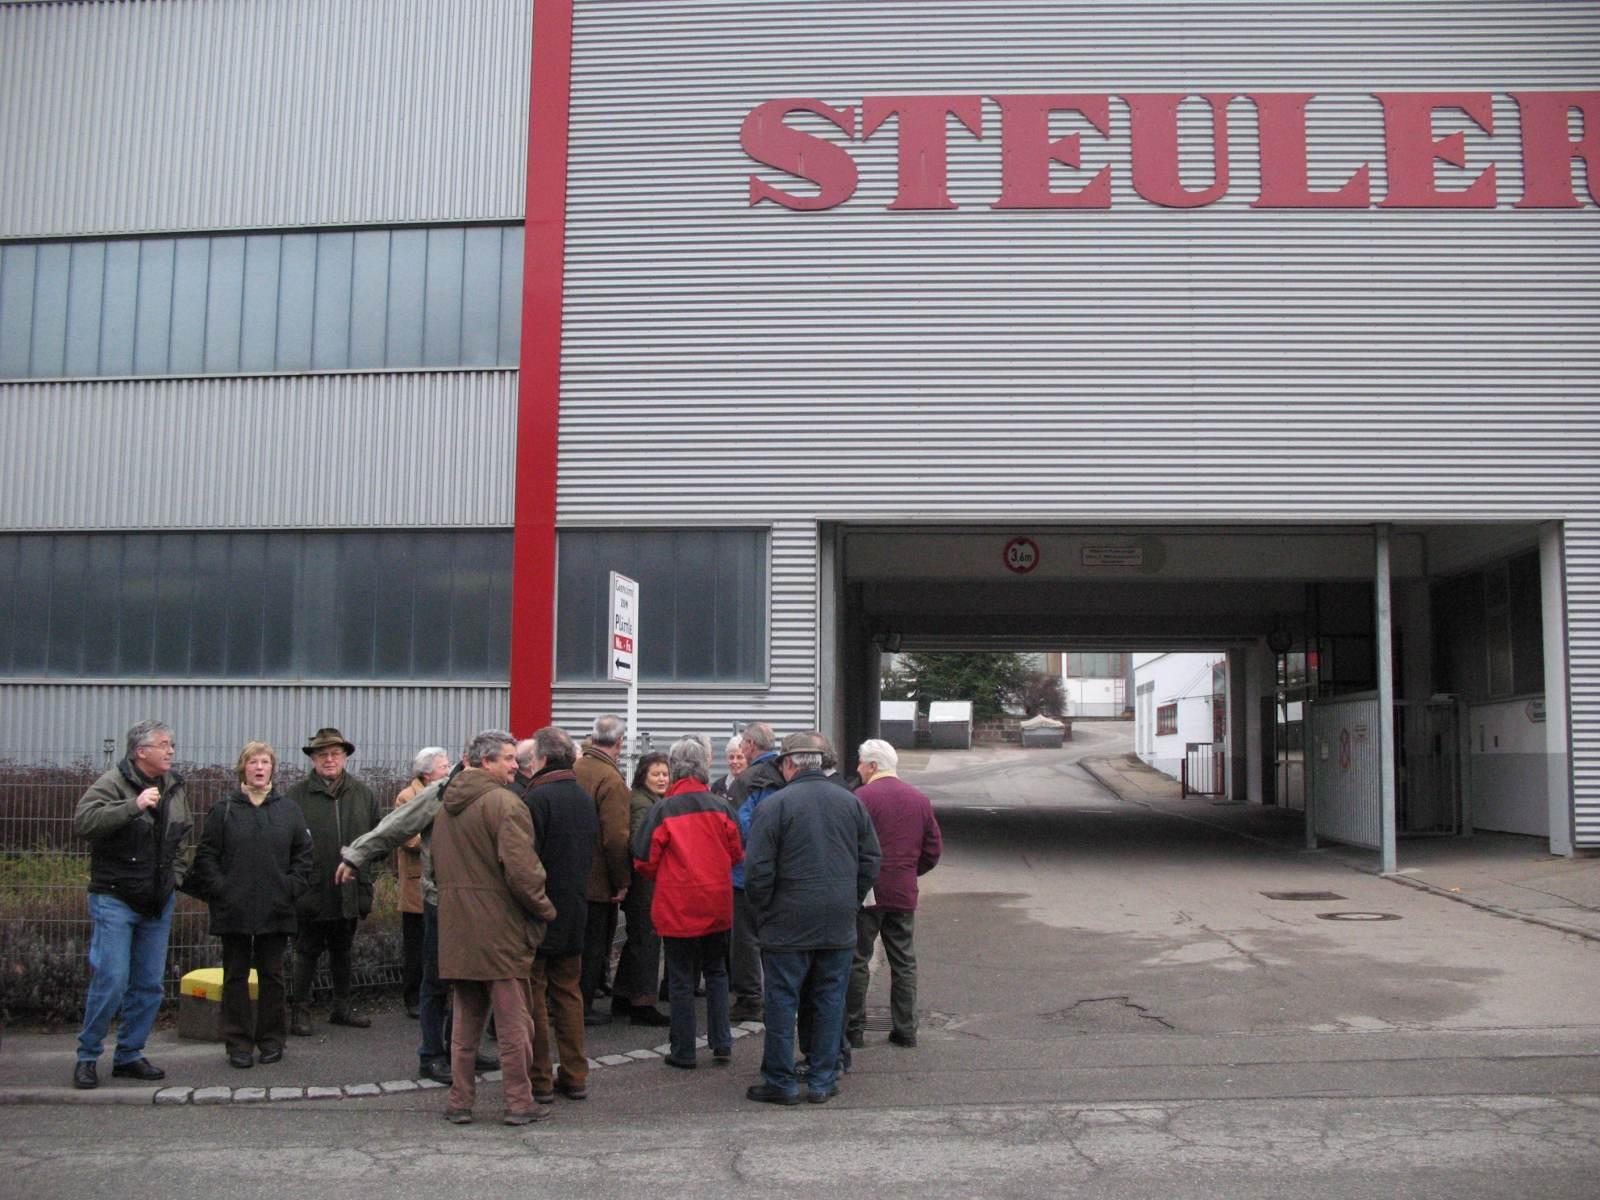 2007_02_14 Mühlacker, Werksbesichtigung bei Steuler